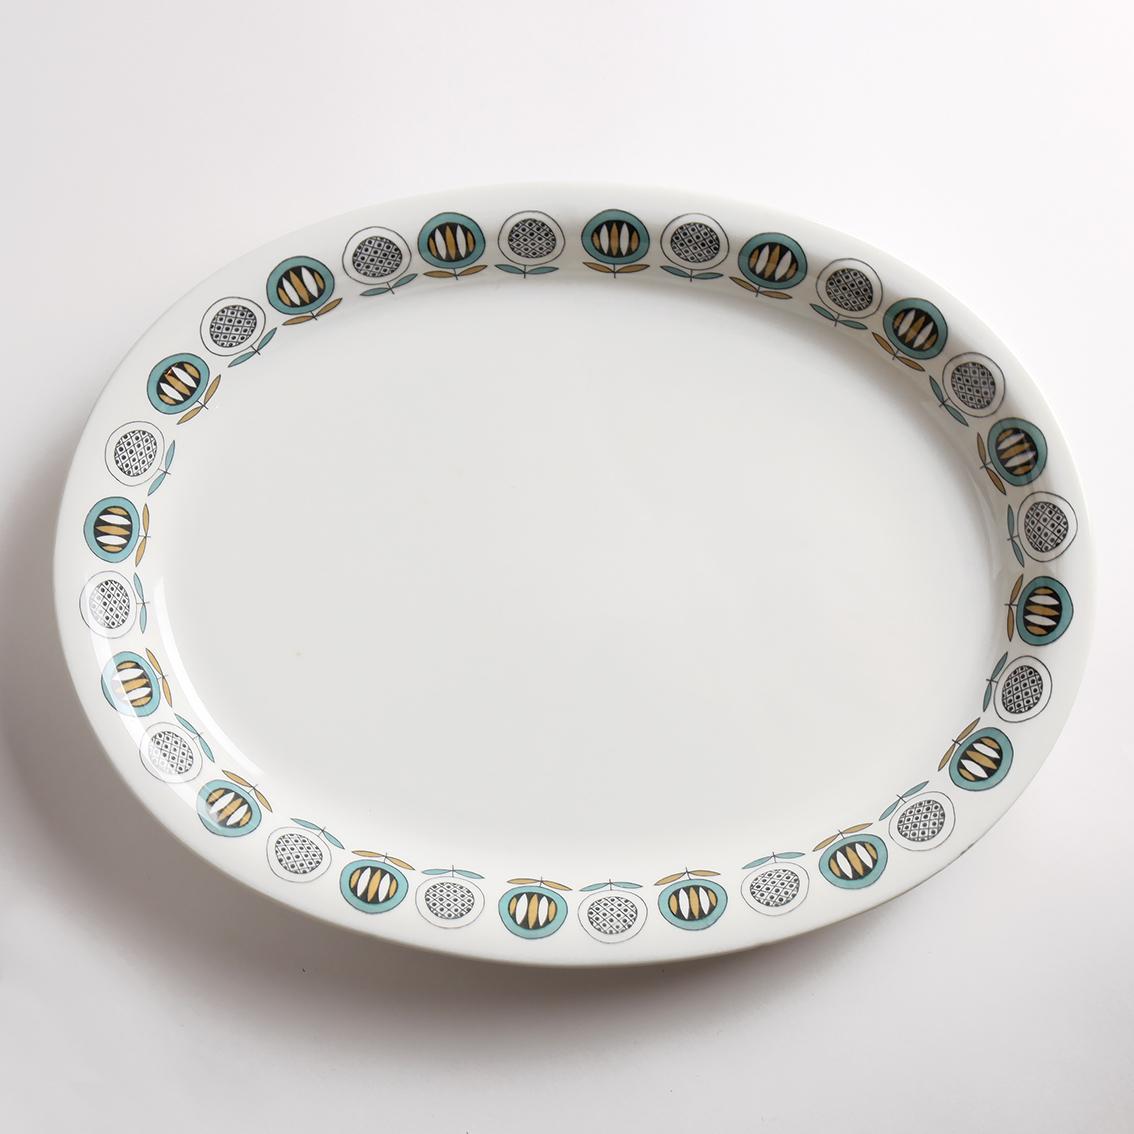 ARABIA アラビア Olivia オリビア360mm 楕円大皿 北欧ヴィンテージ